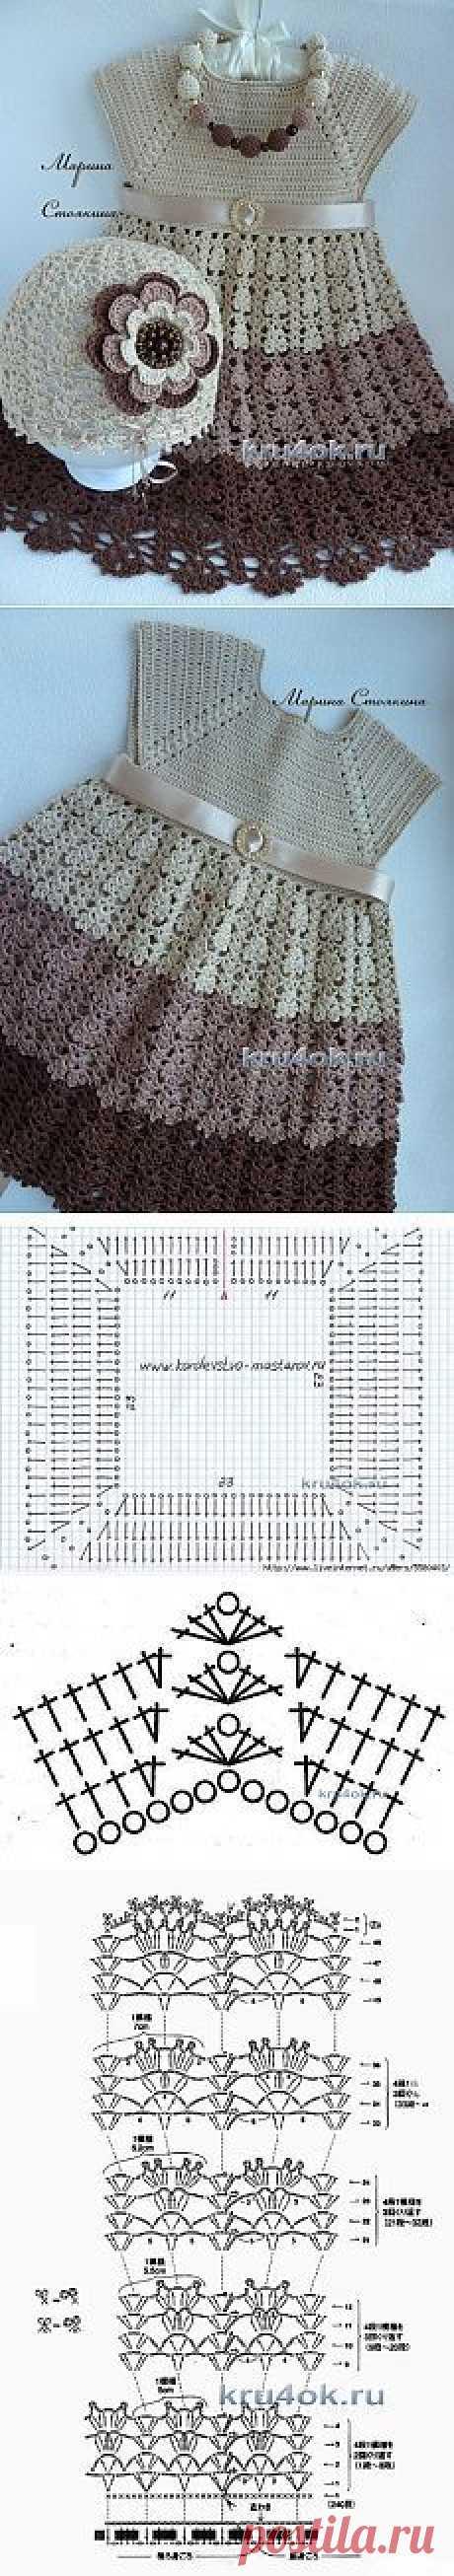 Шапочка и сарафан для девочки — работы Марины Стоякиной - вязание крючком на kru4ok.ru | For kids - Dresses, Tunics